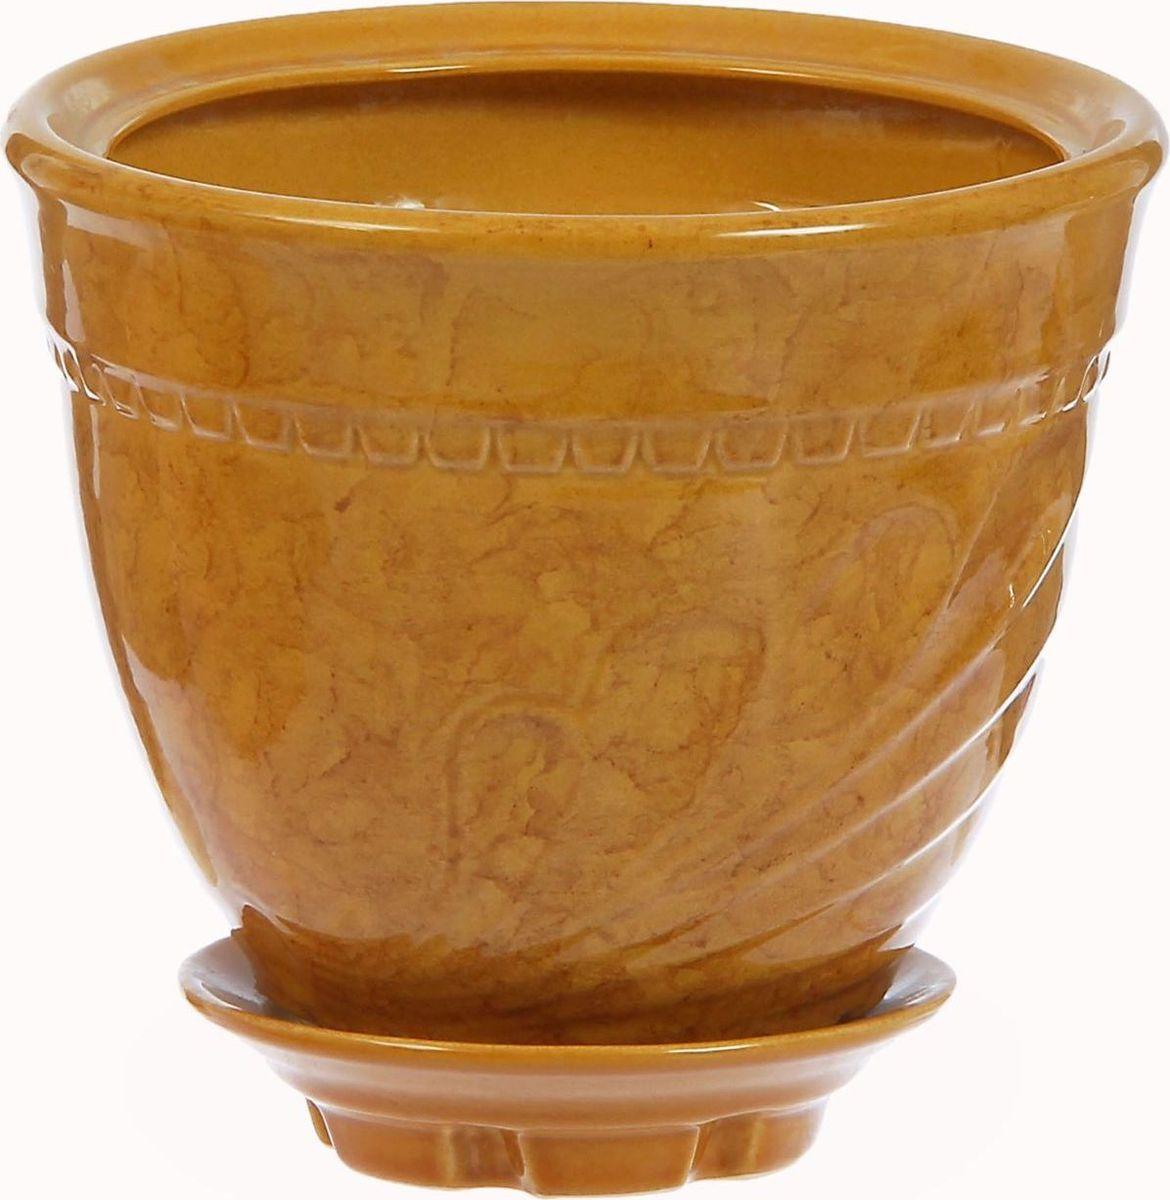 Кашпо Ландыш, цвет: горчичный, 2,8 л1304559Комнатные растения — всеобщие любимцы. Они радуют глаз, насыщают помещение кислородом и украшают пространство. Каждому из них необходим свой удобный и красивый дом. Кашпо из керамики прекрасно подходят для высадки растений: за счёт пластичности глины и разных способов обработки существует великое множество форм и дизайновпористый материал позволяет испаряться лишней влагевоздух, необходимый для дыхания корней, проникает сквозь керамические стенки! #name# позаботится о зелёном питомце, освежит интерьер и подчеркнёт его стиль.